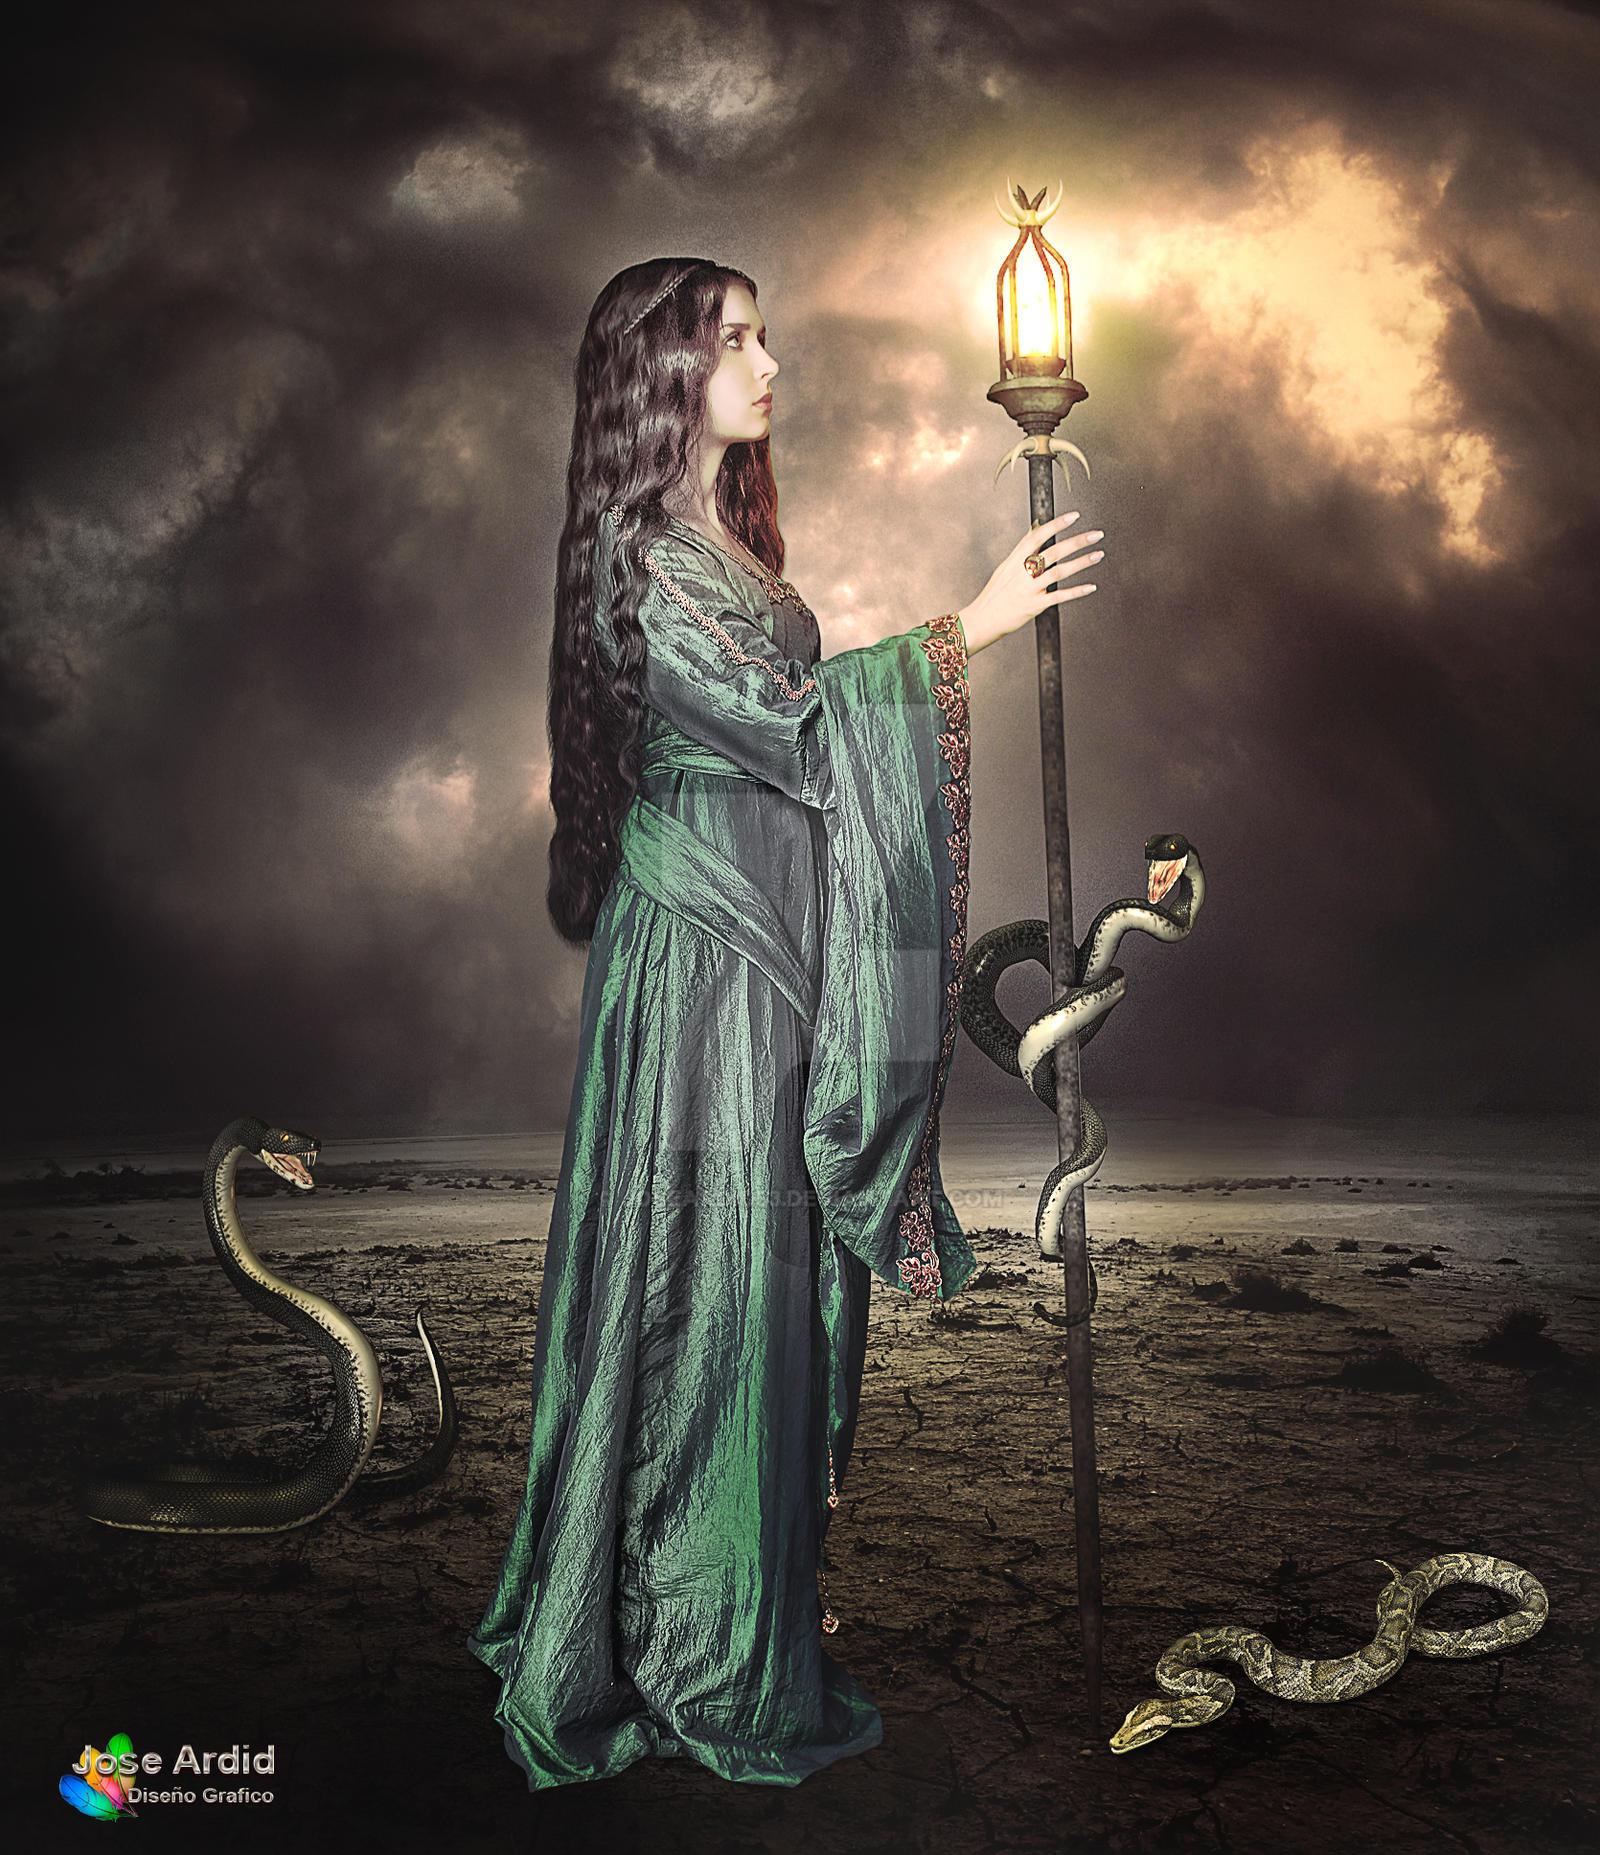 Serpientes by JoseArdid53